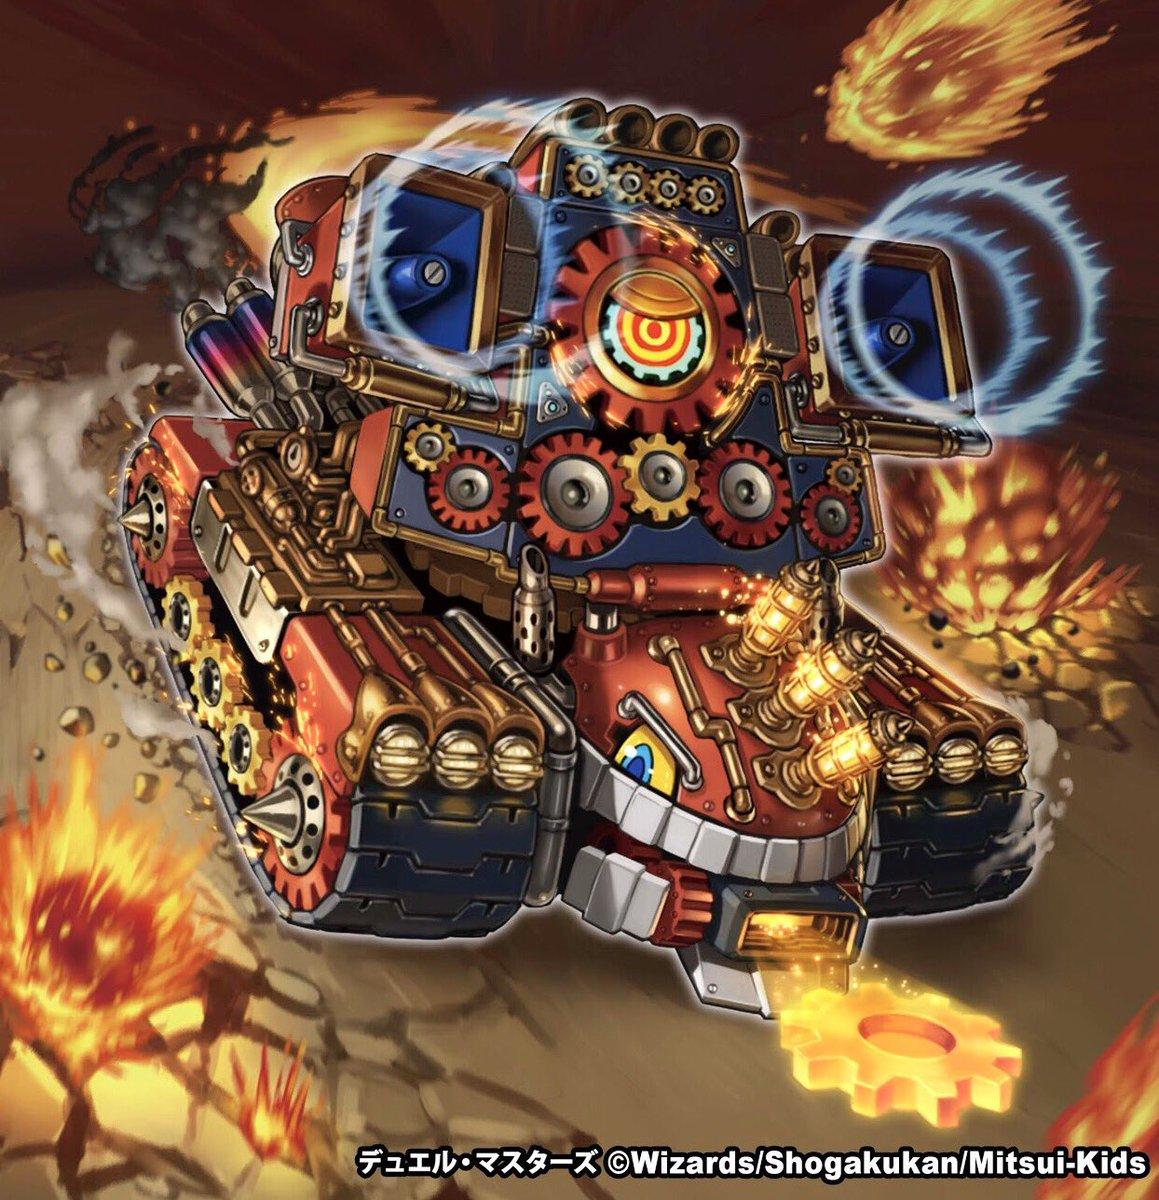 【お仕事】6/24発売のデュエル・マスターズ『新2弾 マジでB・A・Dなラビリンス!!』にて「〝魔刃″戦車ゴーディオ」を